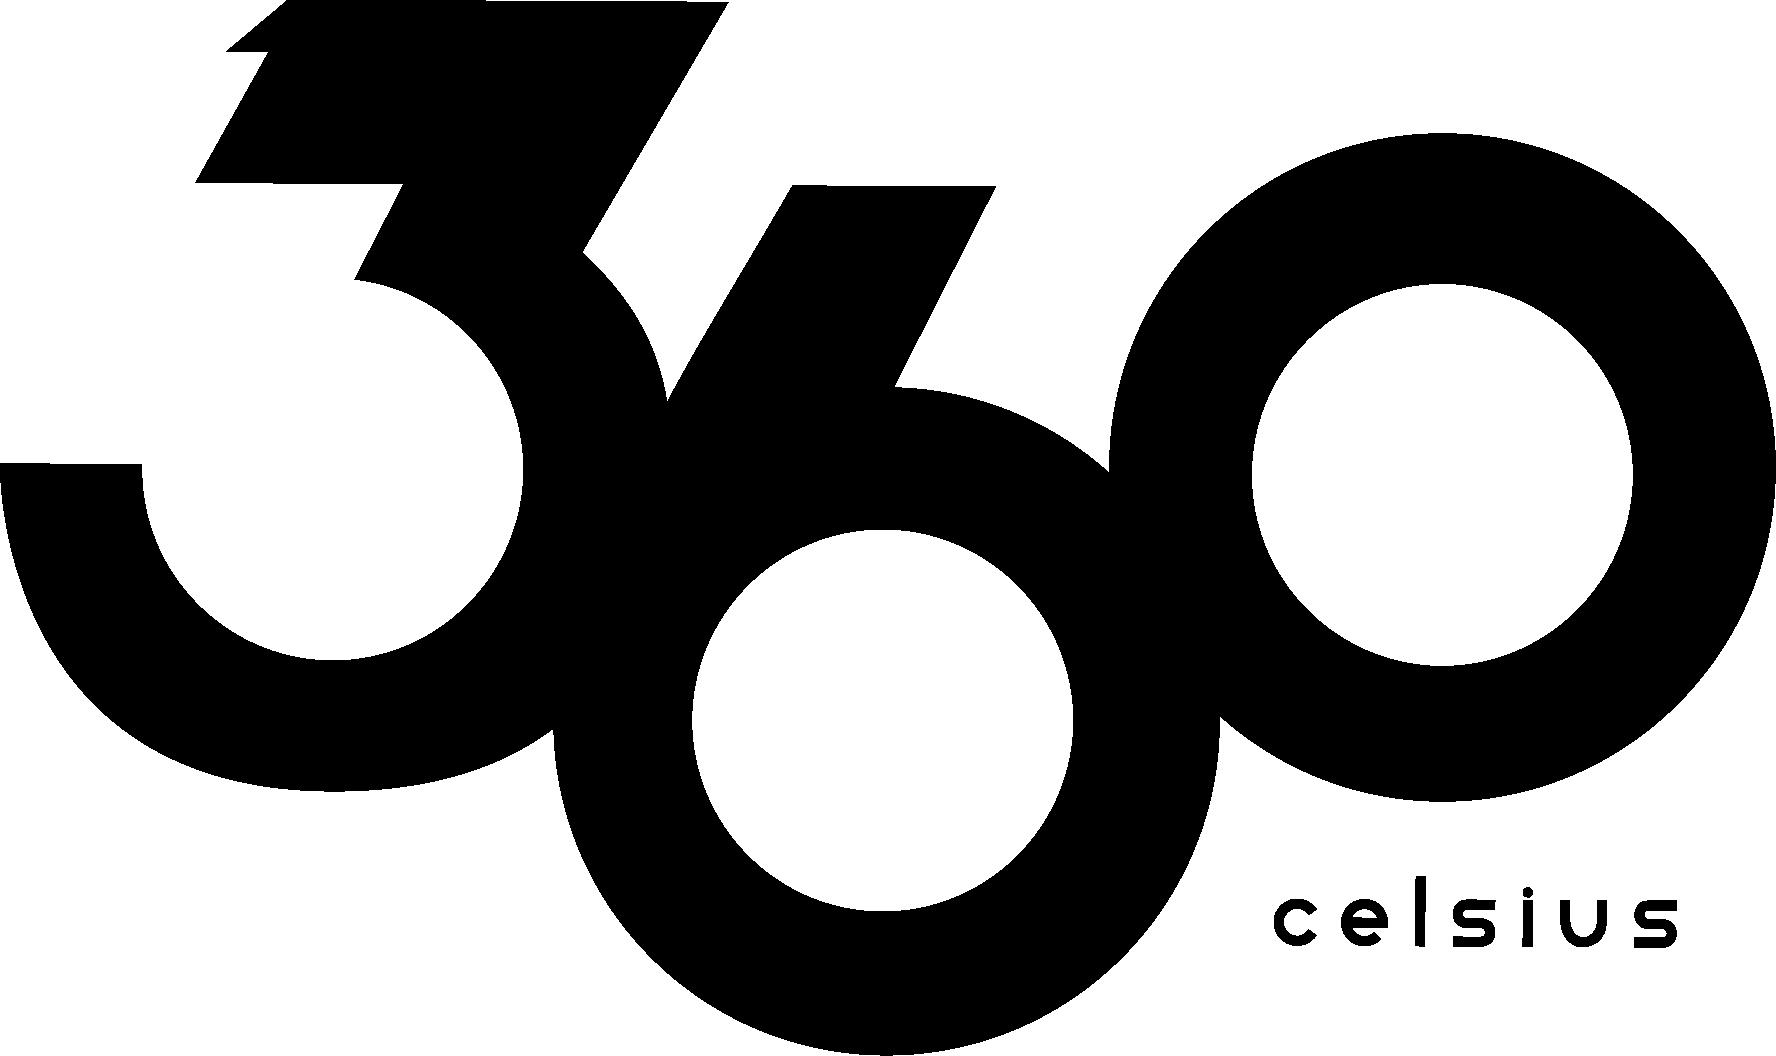 360 Celsius Logo.png